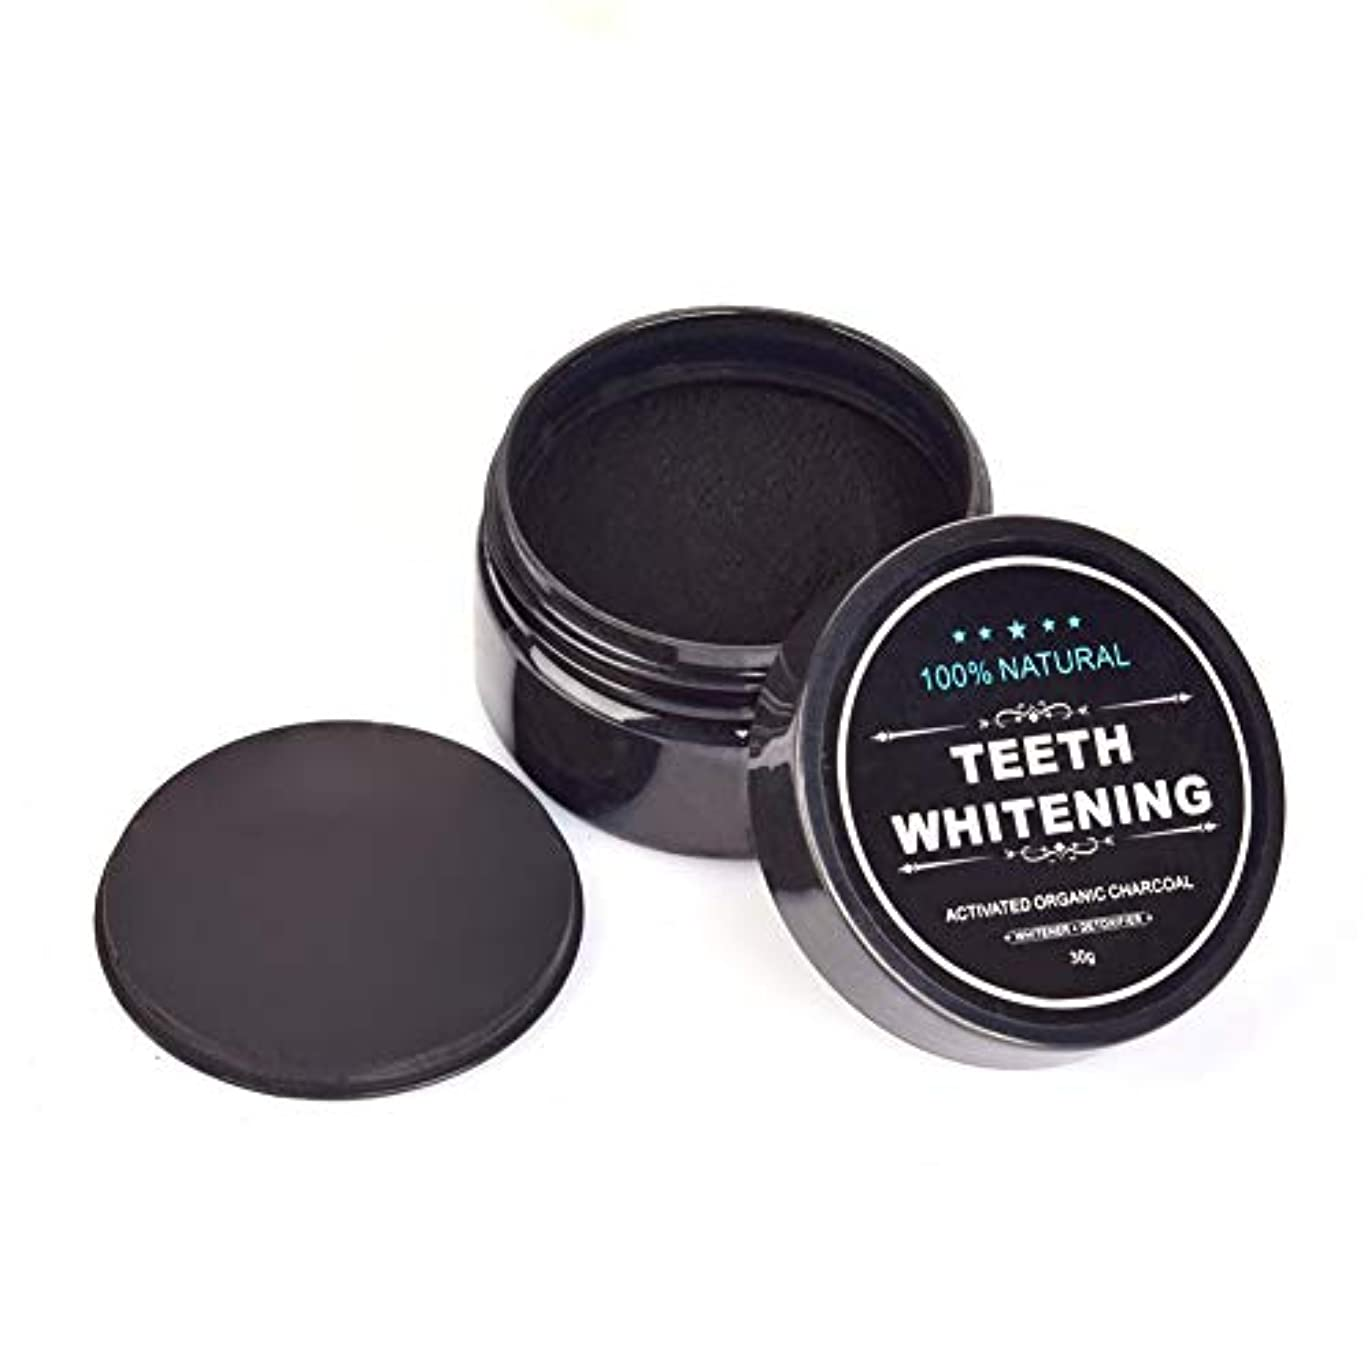 統計全国ポケットSILUN チャコールホワイトニング 歯 ホワイトニング チャコール型 マイクロパウダー 歯 ホワイトニング 食べれる活性炭 竹炭 歯を白くする歯磨き粉 活性炭パウダー